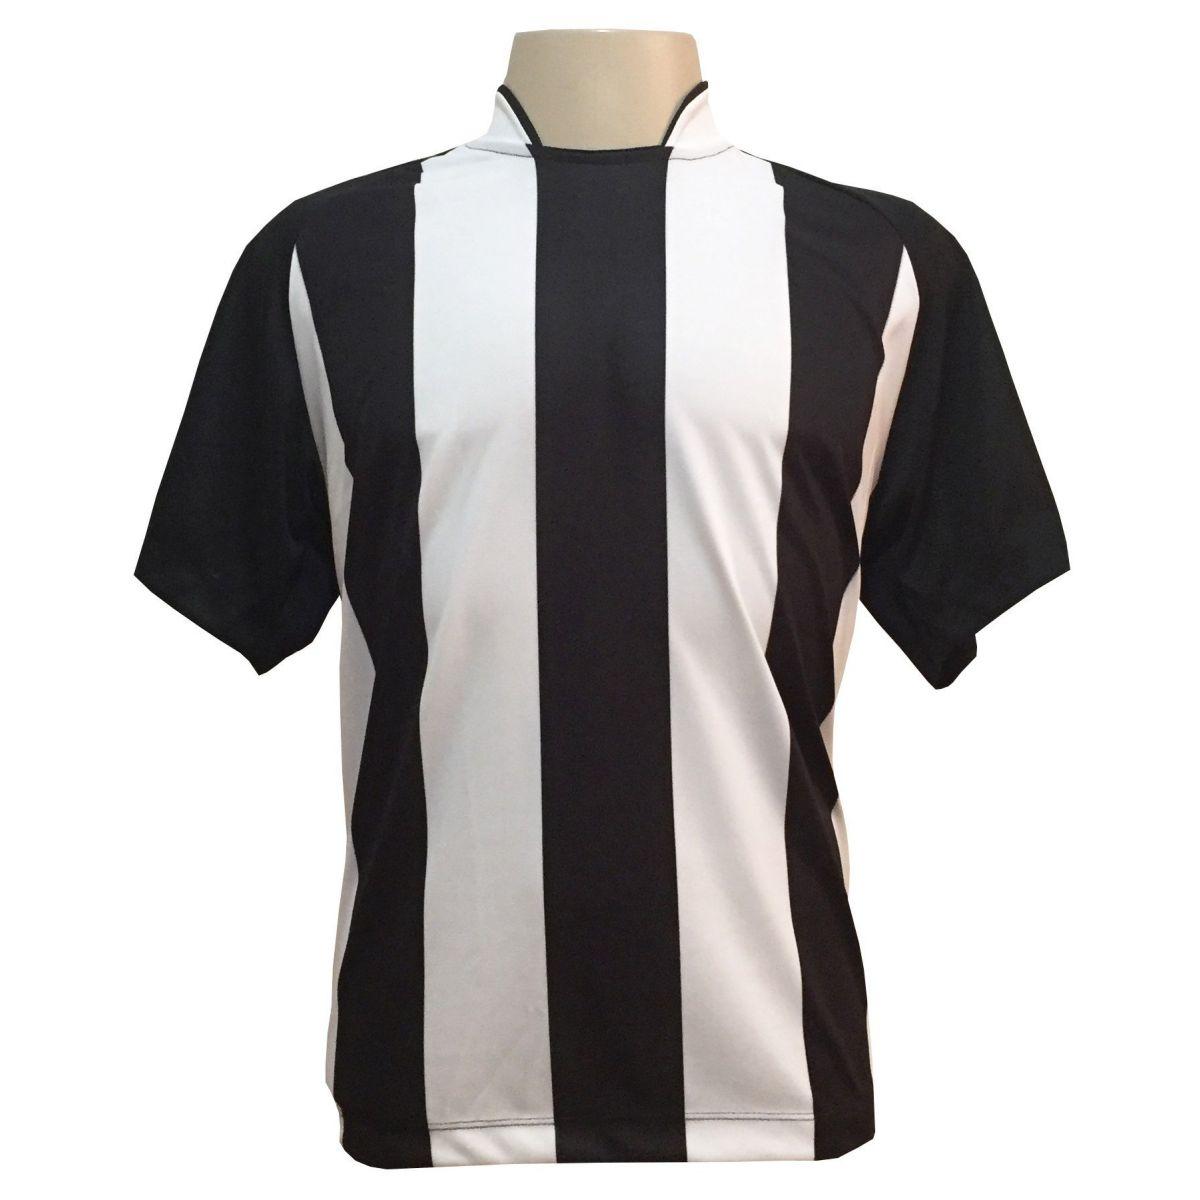 Fardamento Completo modelo Milan Preto/Branco 12+1 (12 camisas + 12 calções + 13 pares de meiões + 1 conjunto de goleiro) - Frete Grátis Brasil + Brindes